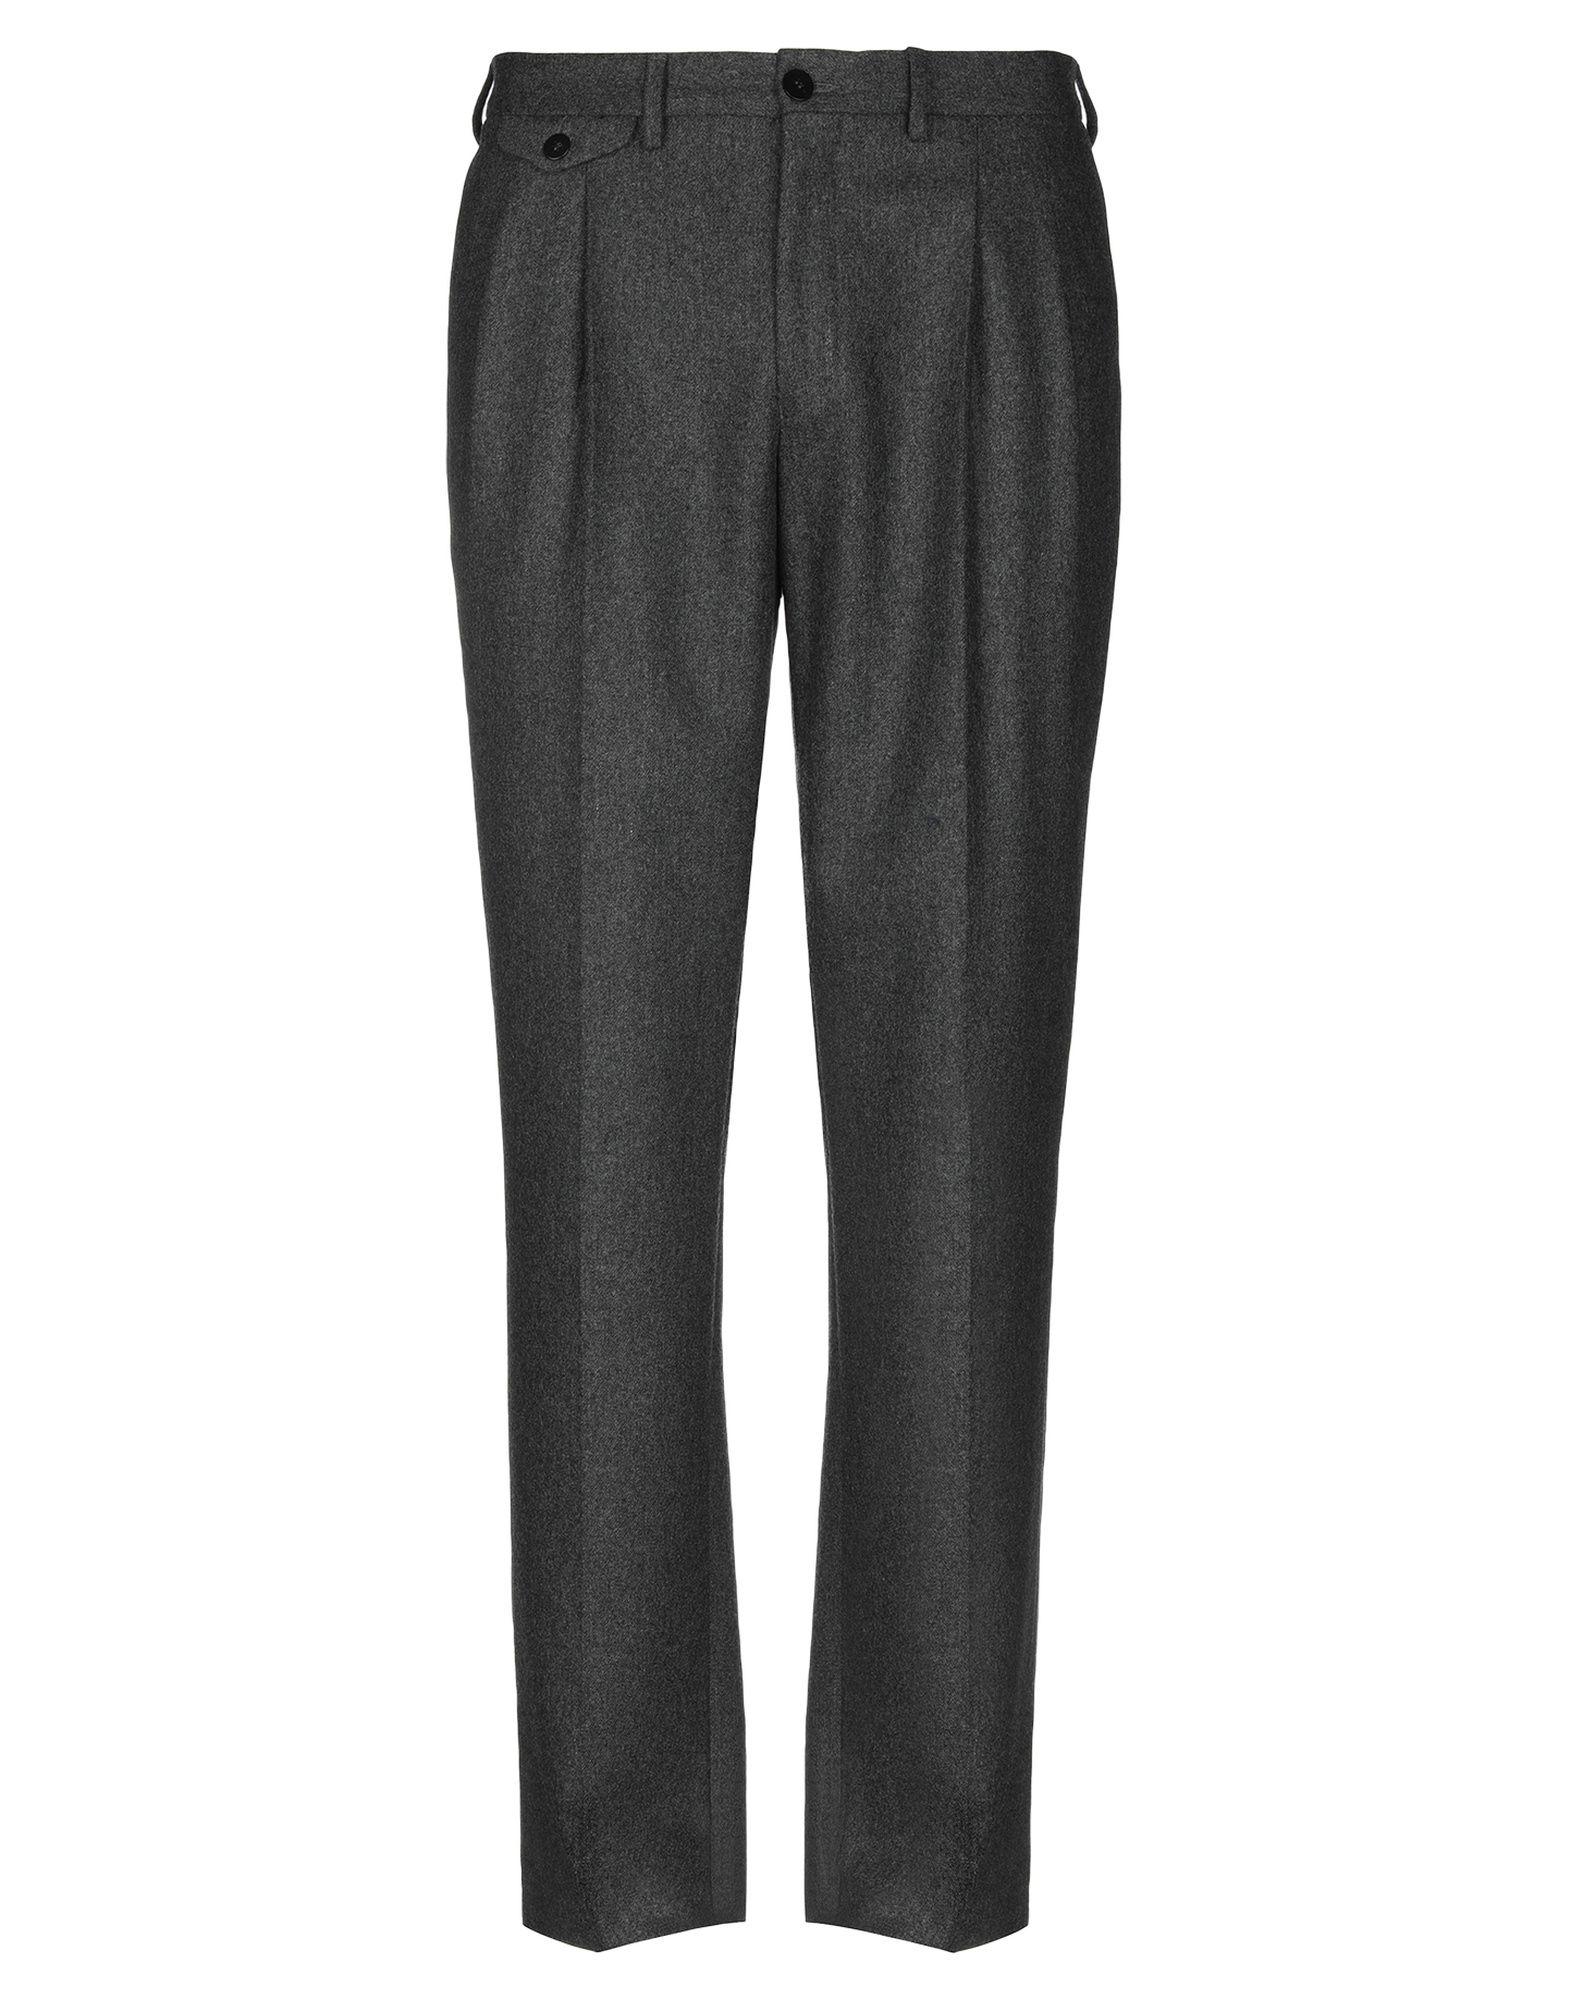 《期間限定セール中》LA PAZ メンズ パンツ スチールグレー S ウール 70% / ポリエステル 30%